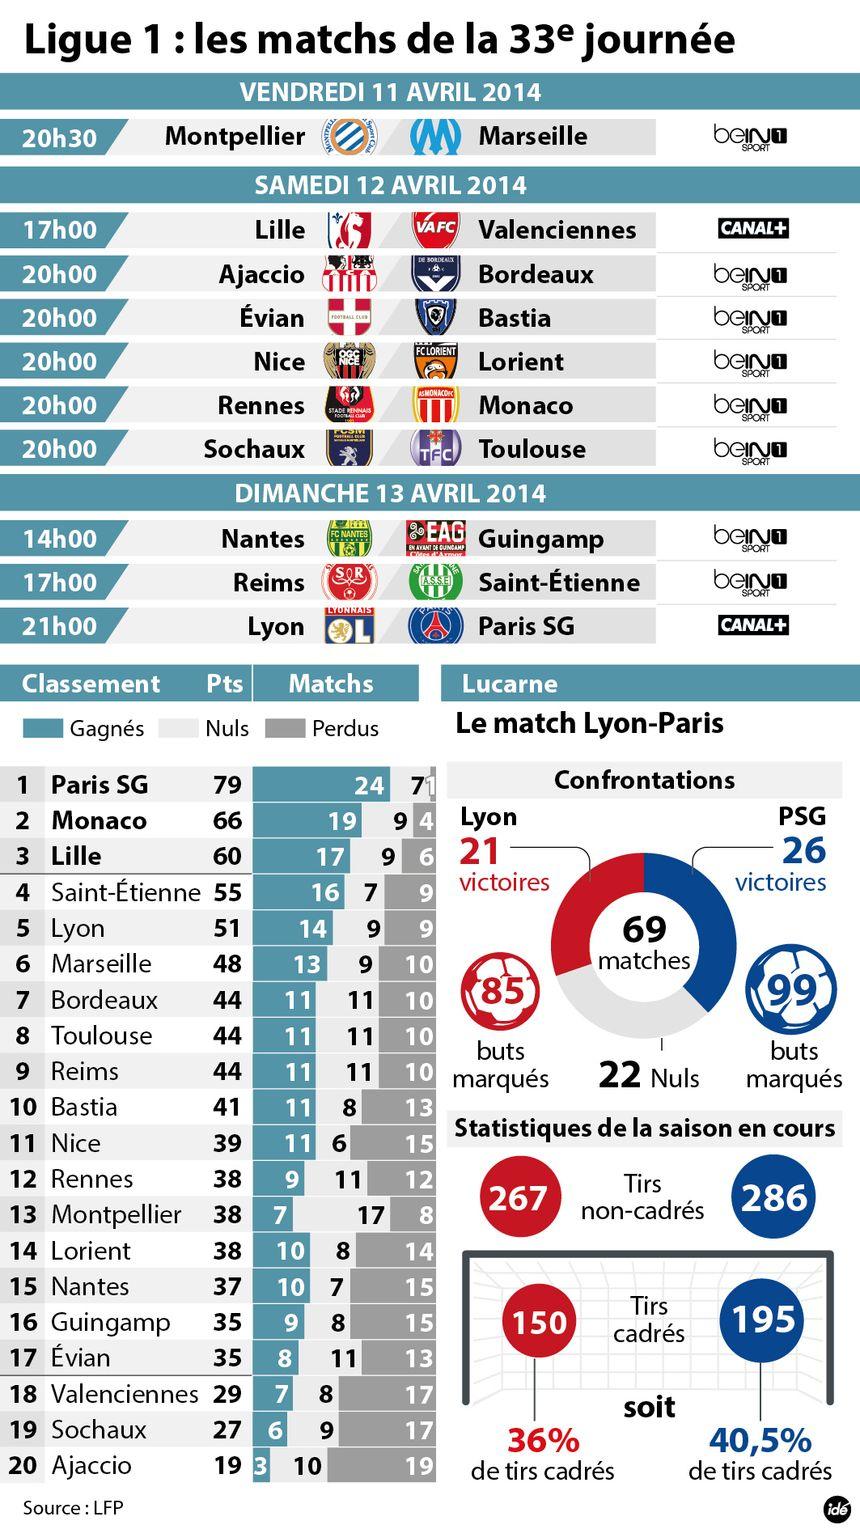 La 33ème journée de Ligue 1 - Radio France